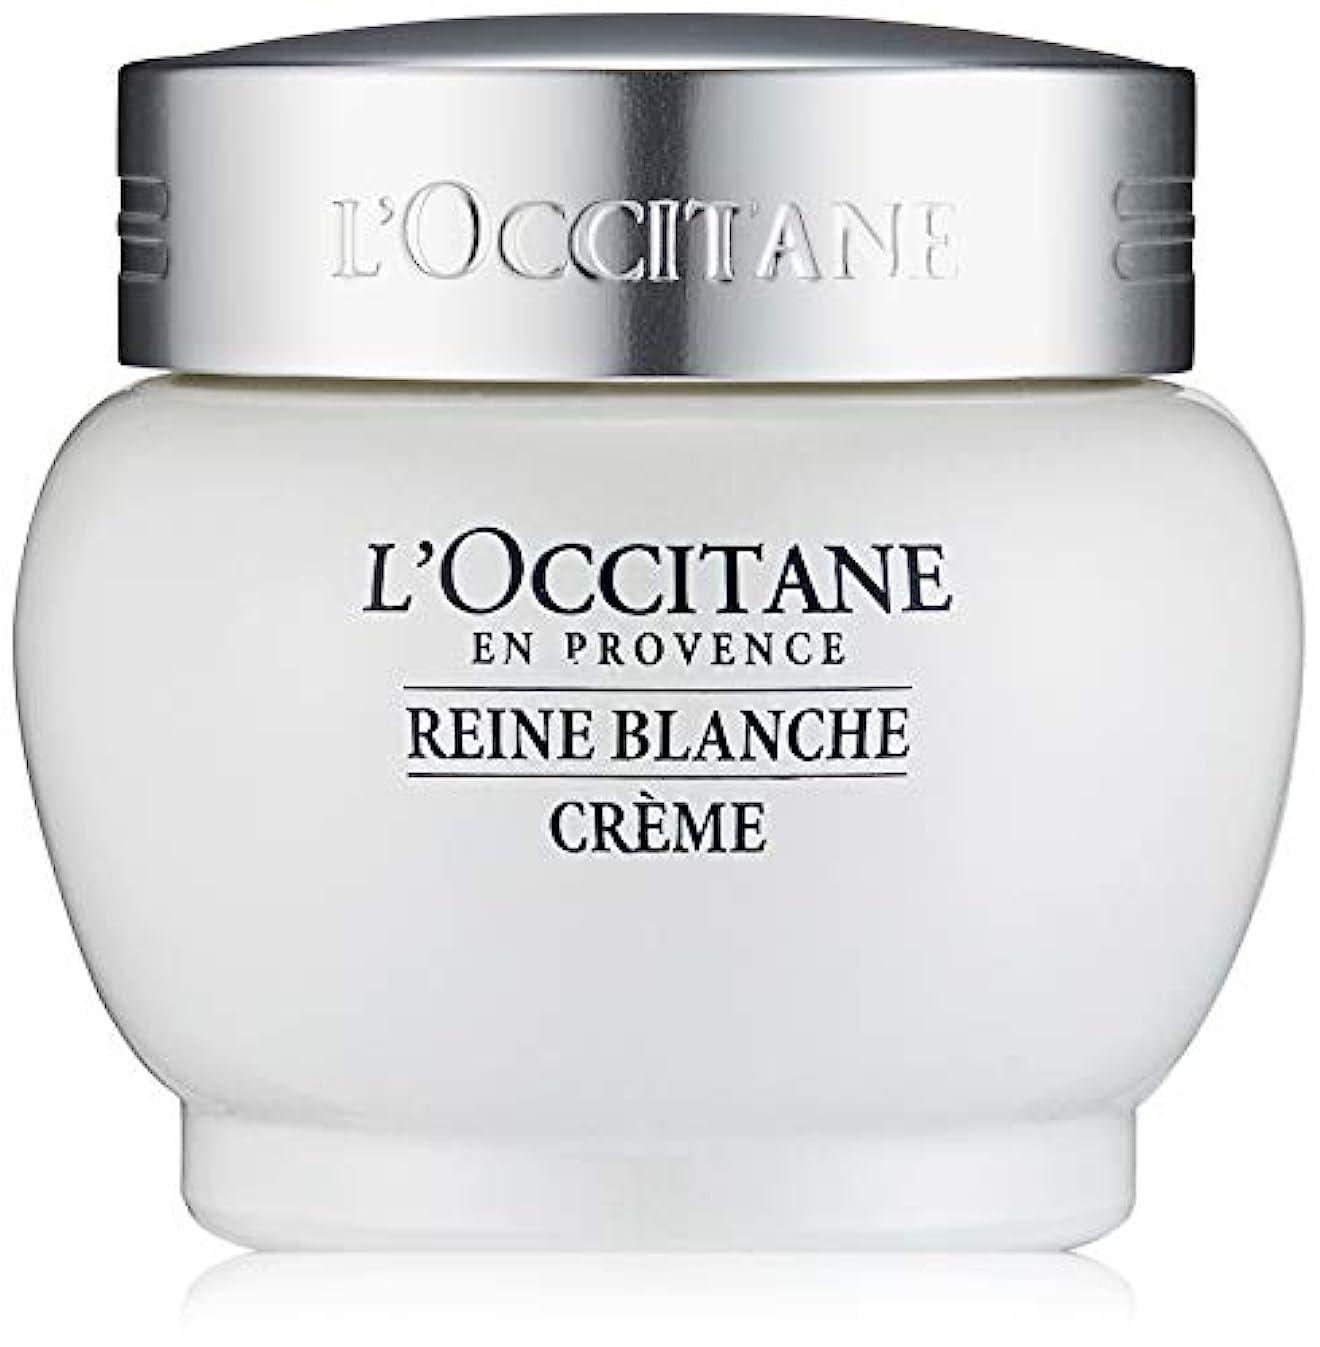 注ぎますスクラップブックナースロクシタン(L'OCCITANE) レーヌブランシュ ホワイトインフュージョンジェルクリーム 50ml